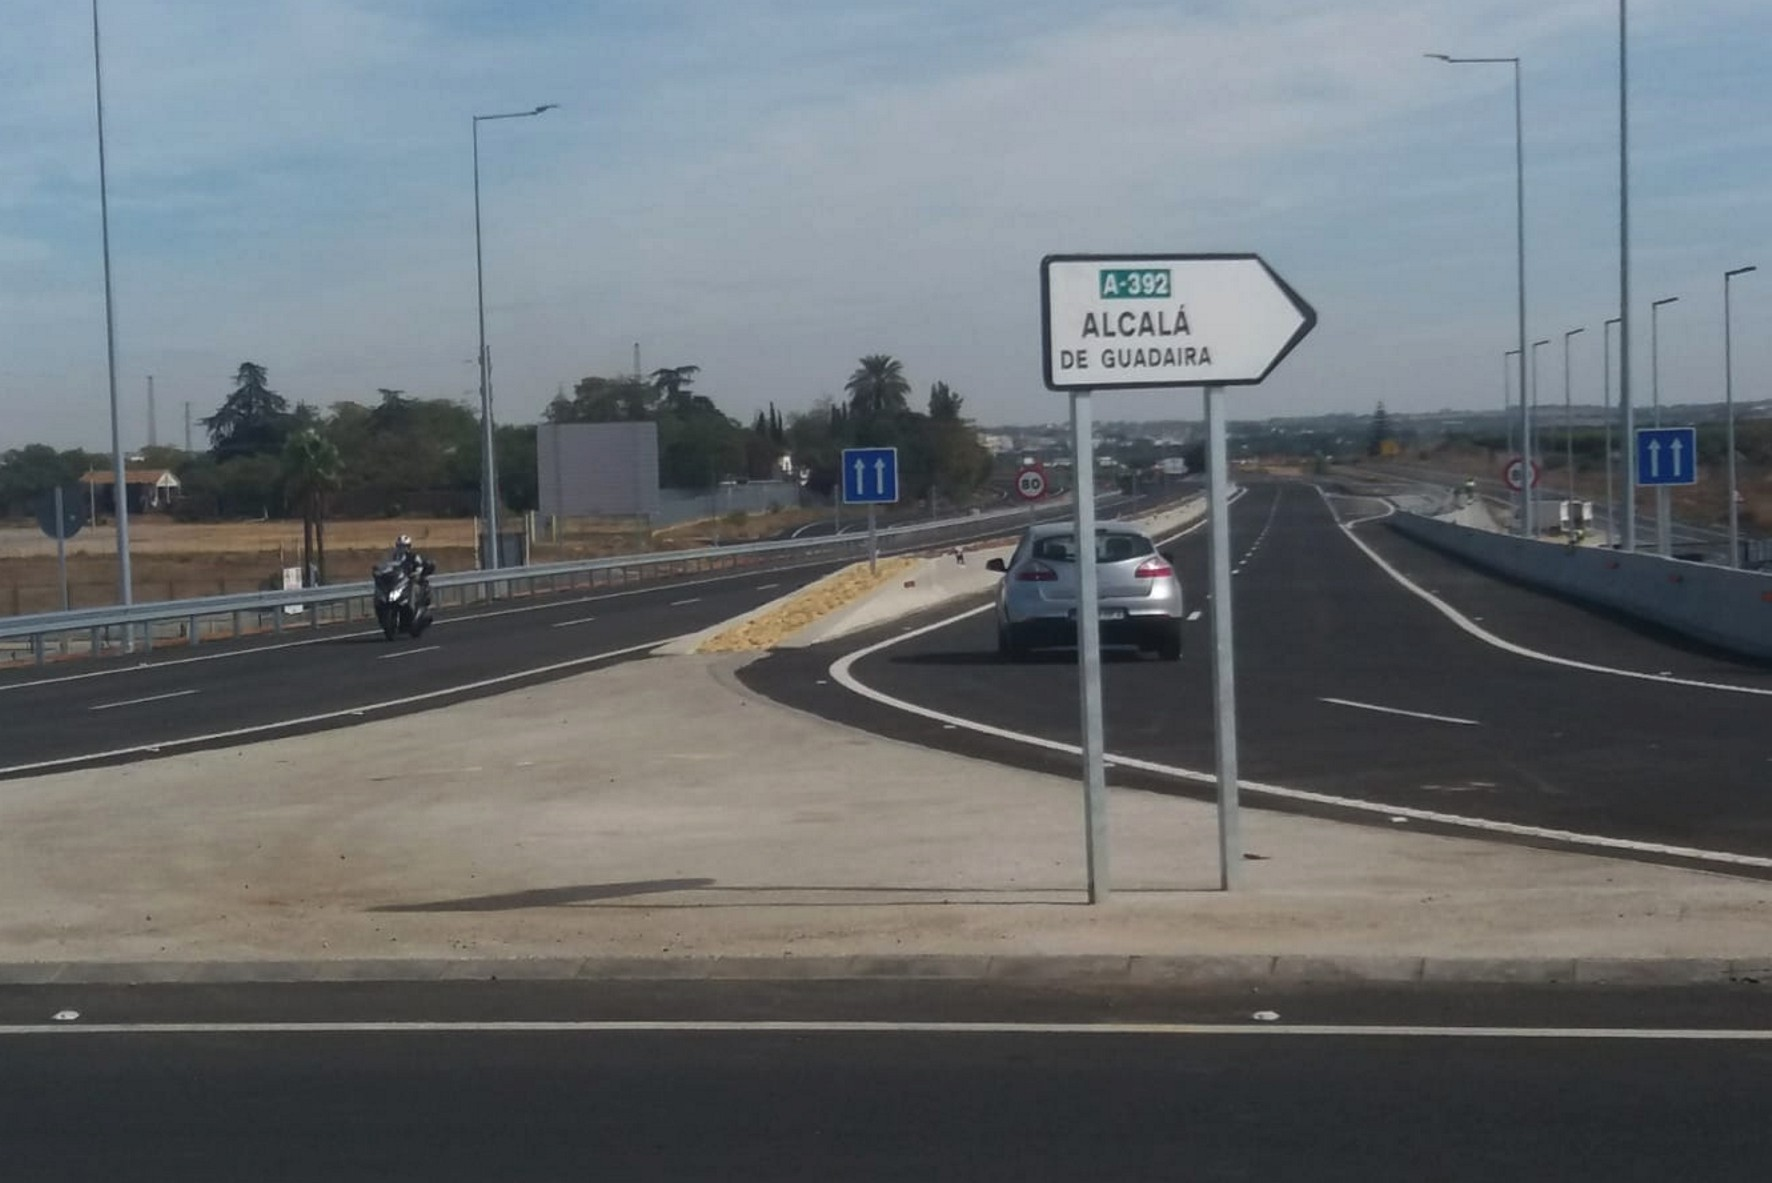 La A-392 está abierta al tráfico desde Alclaá de Guadaíra hasta El Tomillar.